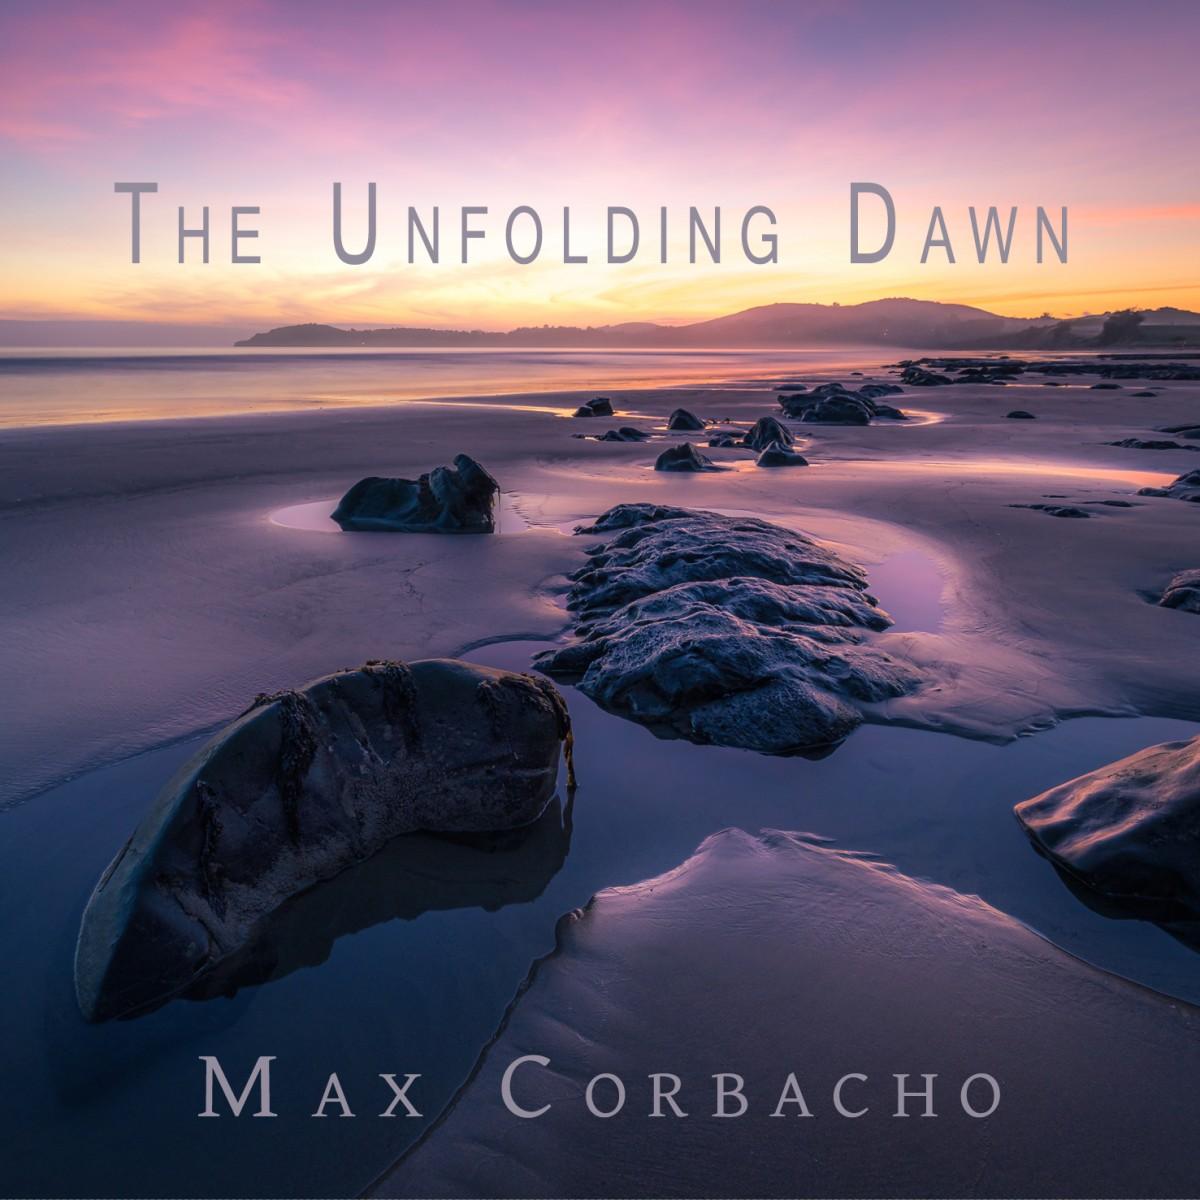 The Unfolding Dawn - Max Corbacho